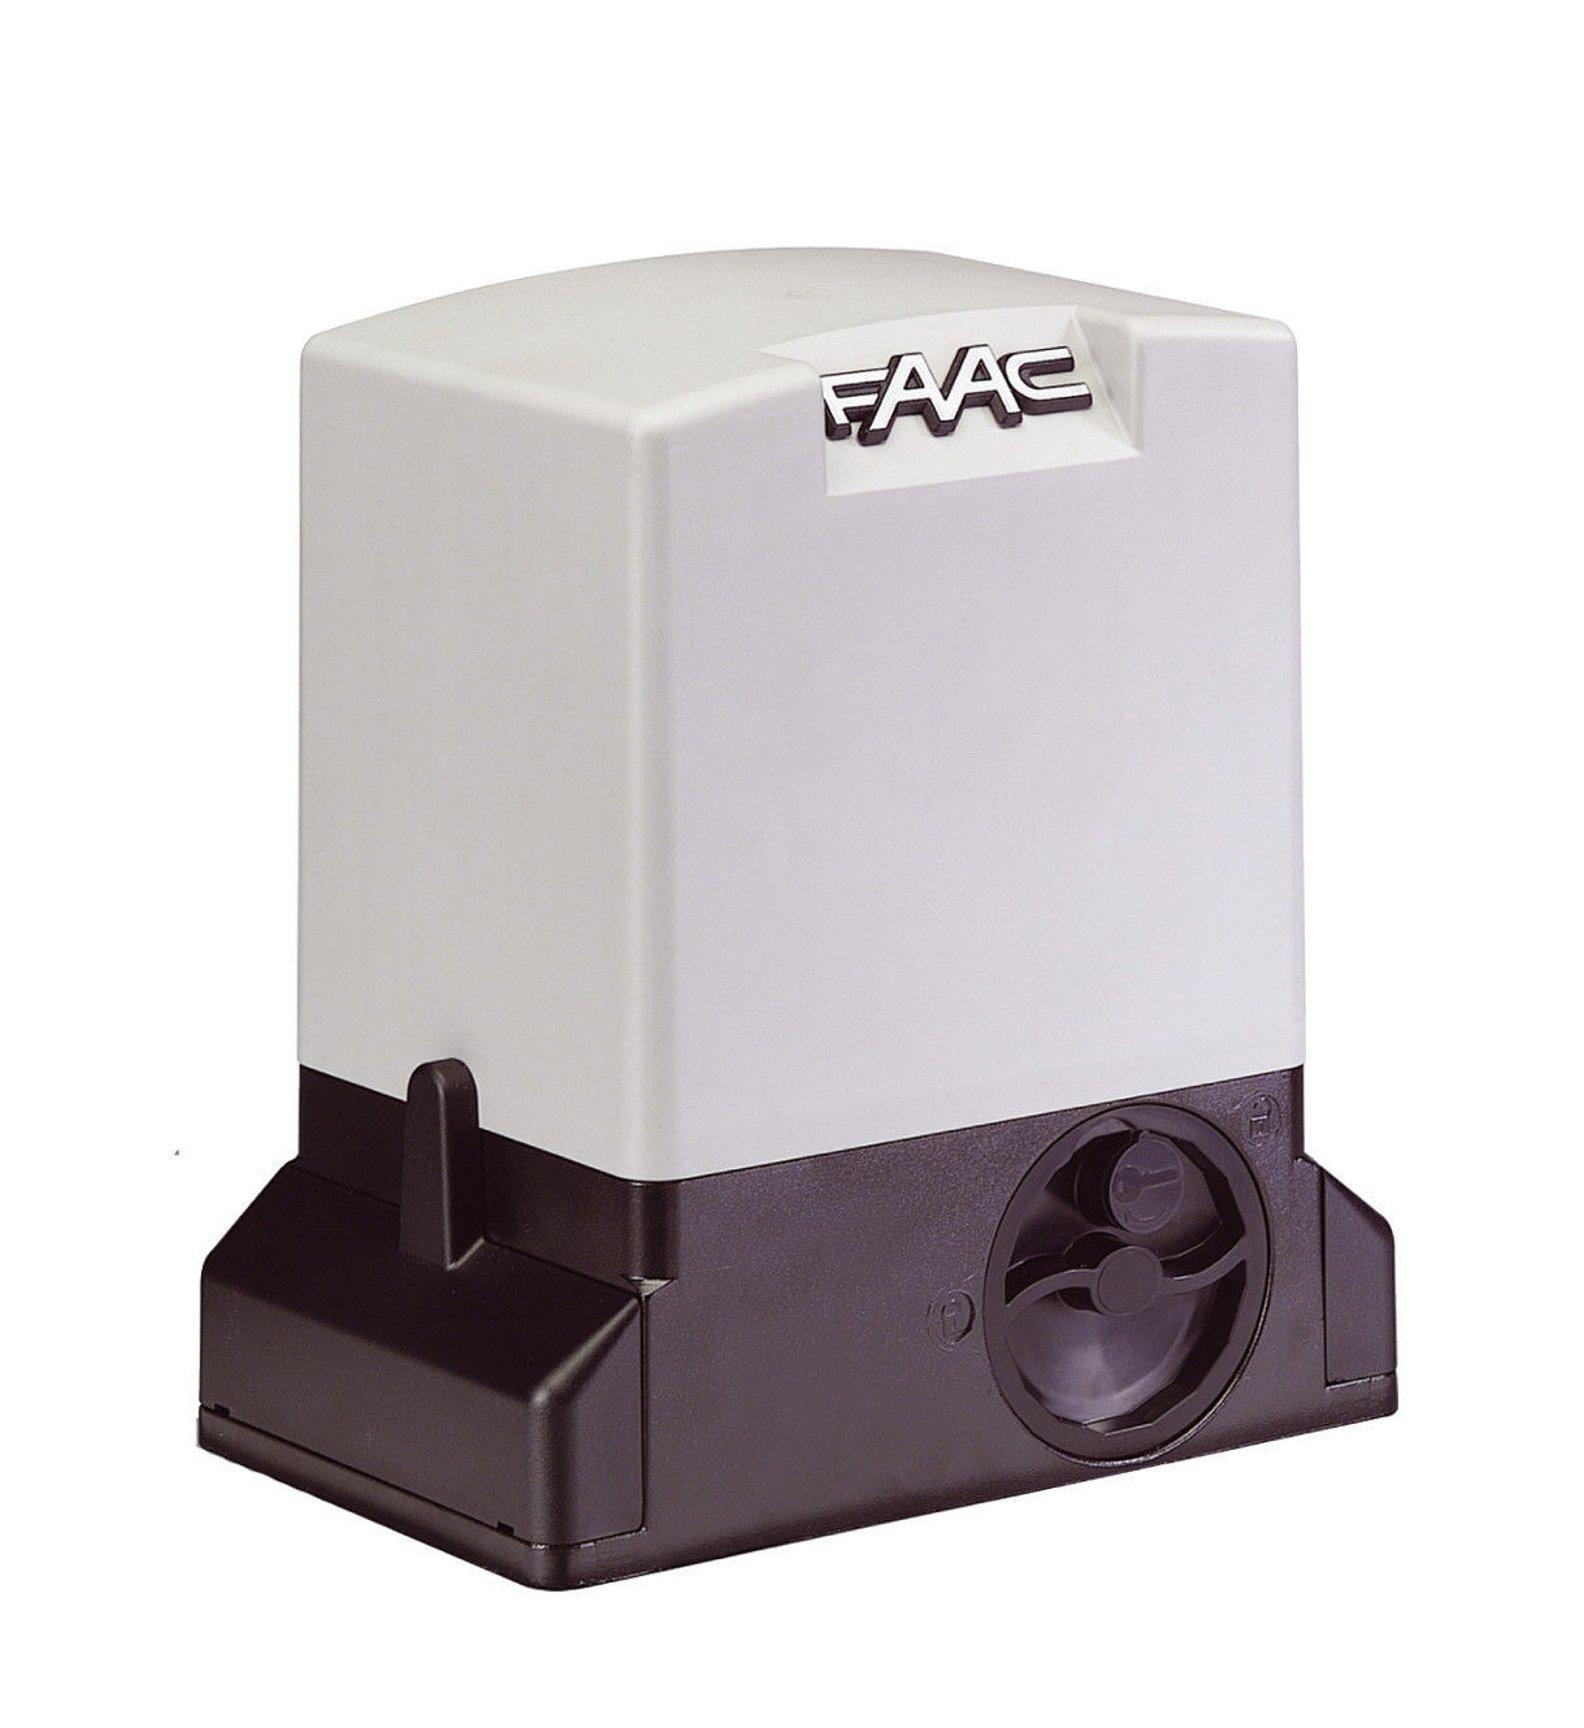 FAAC Motor 230 V con Encoder para puertas correderas uso residenziale y aziendale con peso max Puerta 900 kg 1097815: Amazon.es: Bricolaje y herramientas